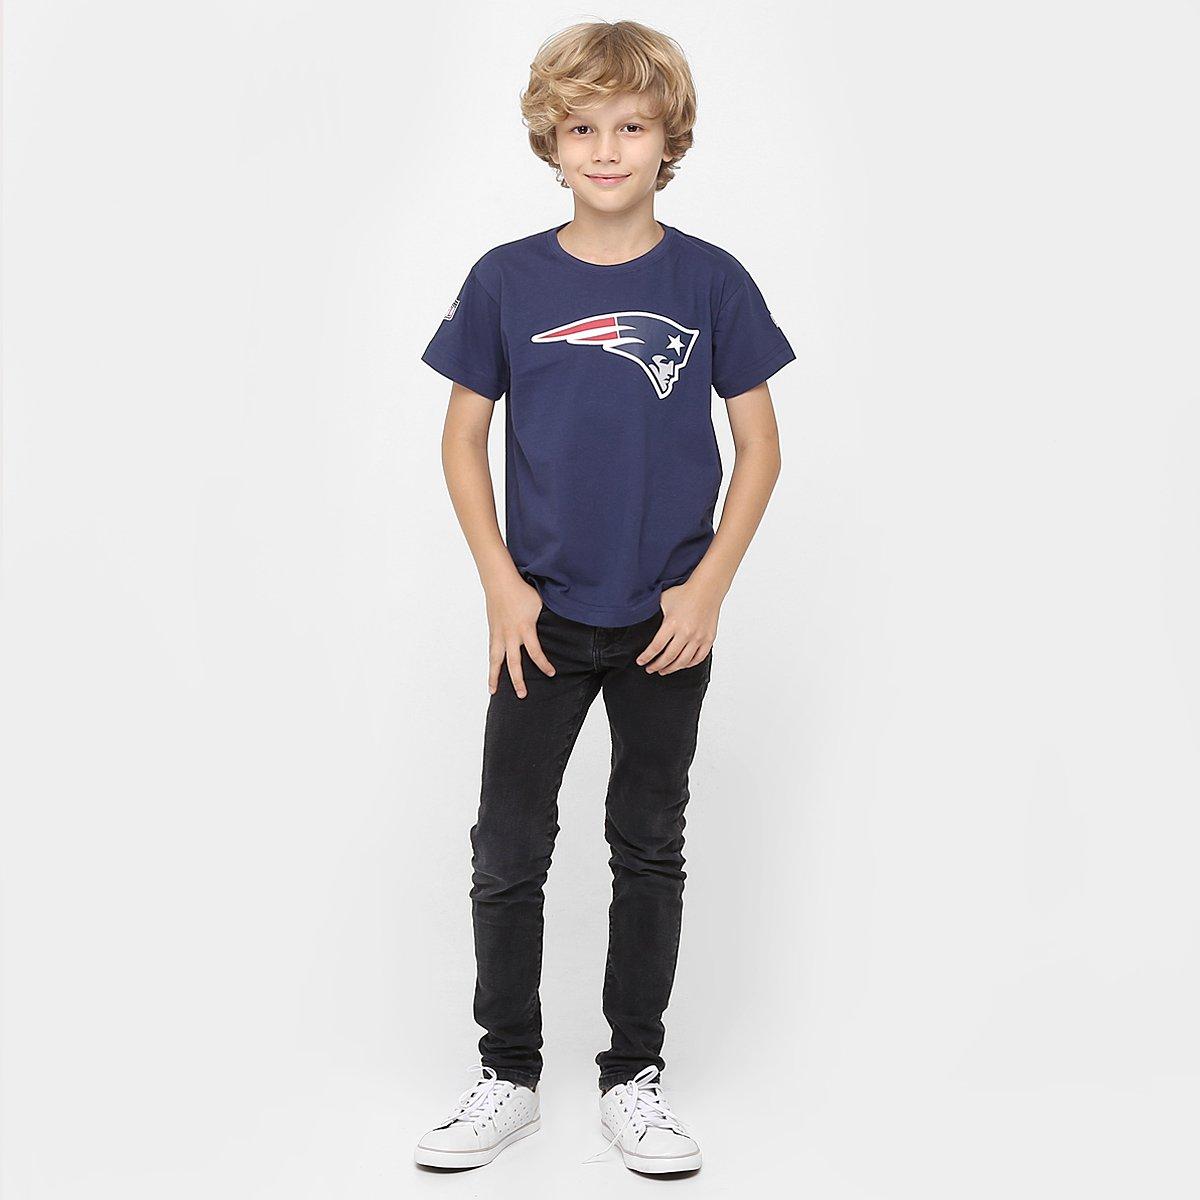 Camiseta New Era NFL New England Patriots Infantil - Compre Agora ... cb4f54cbd88